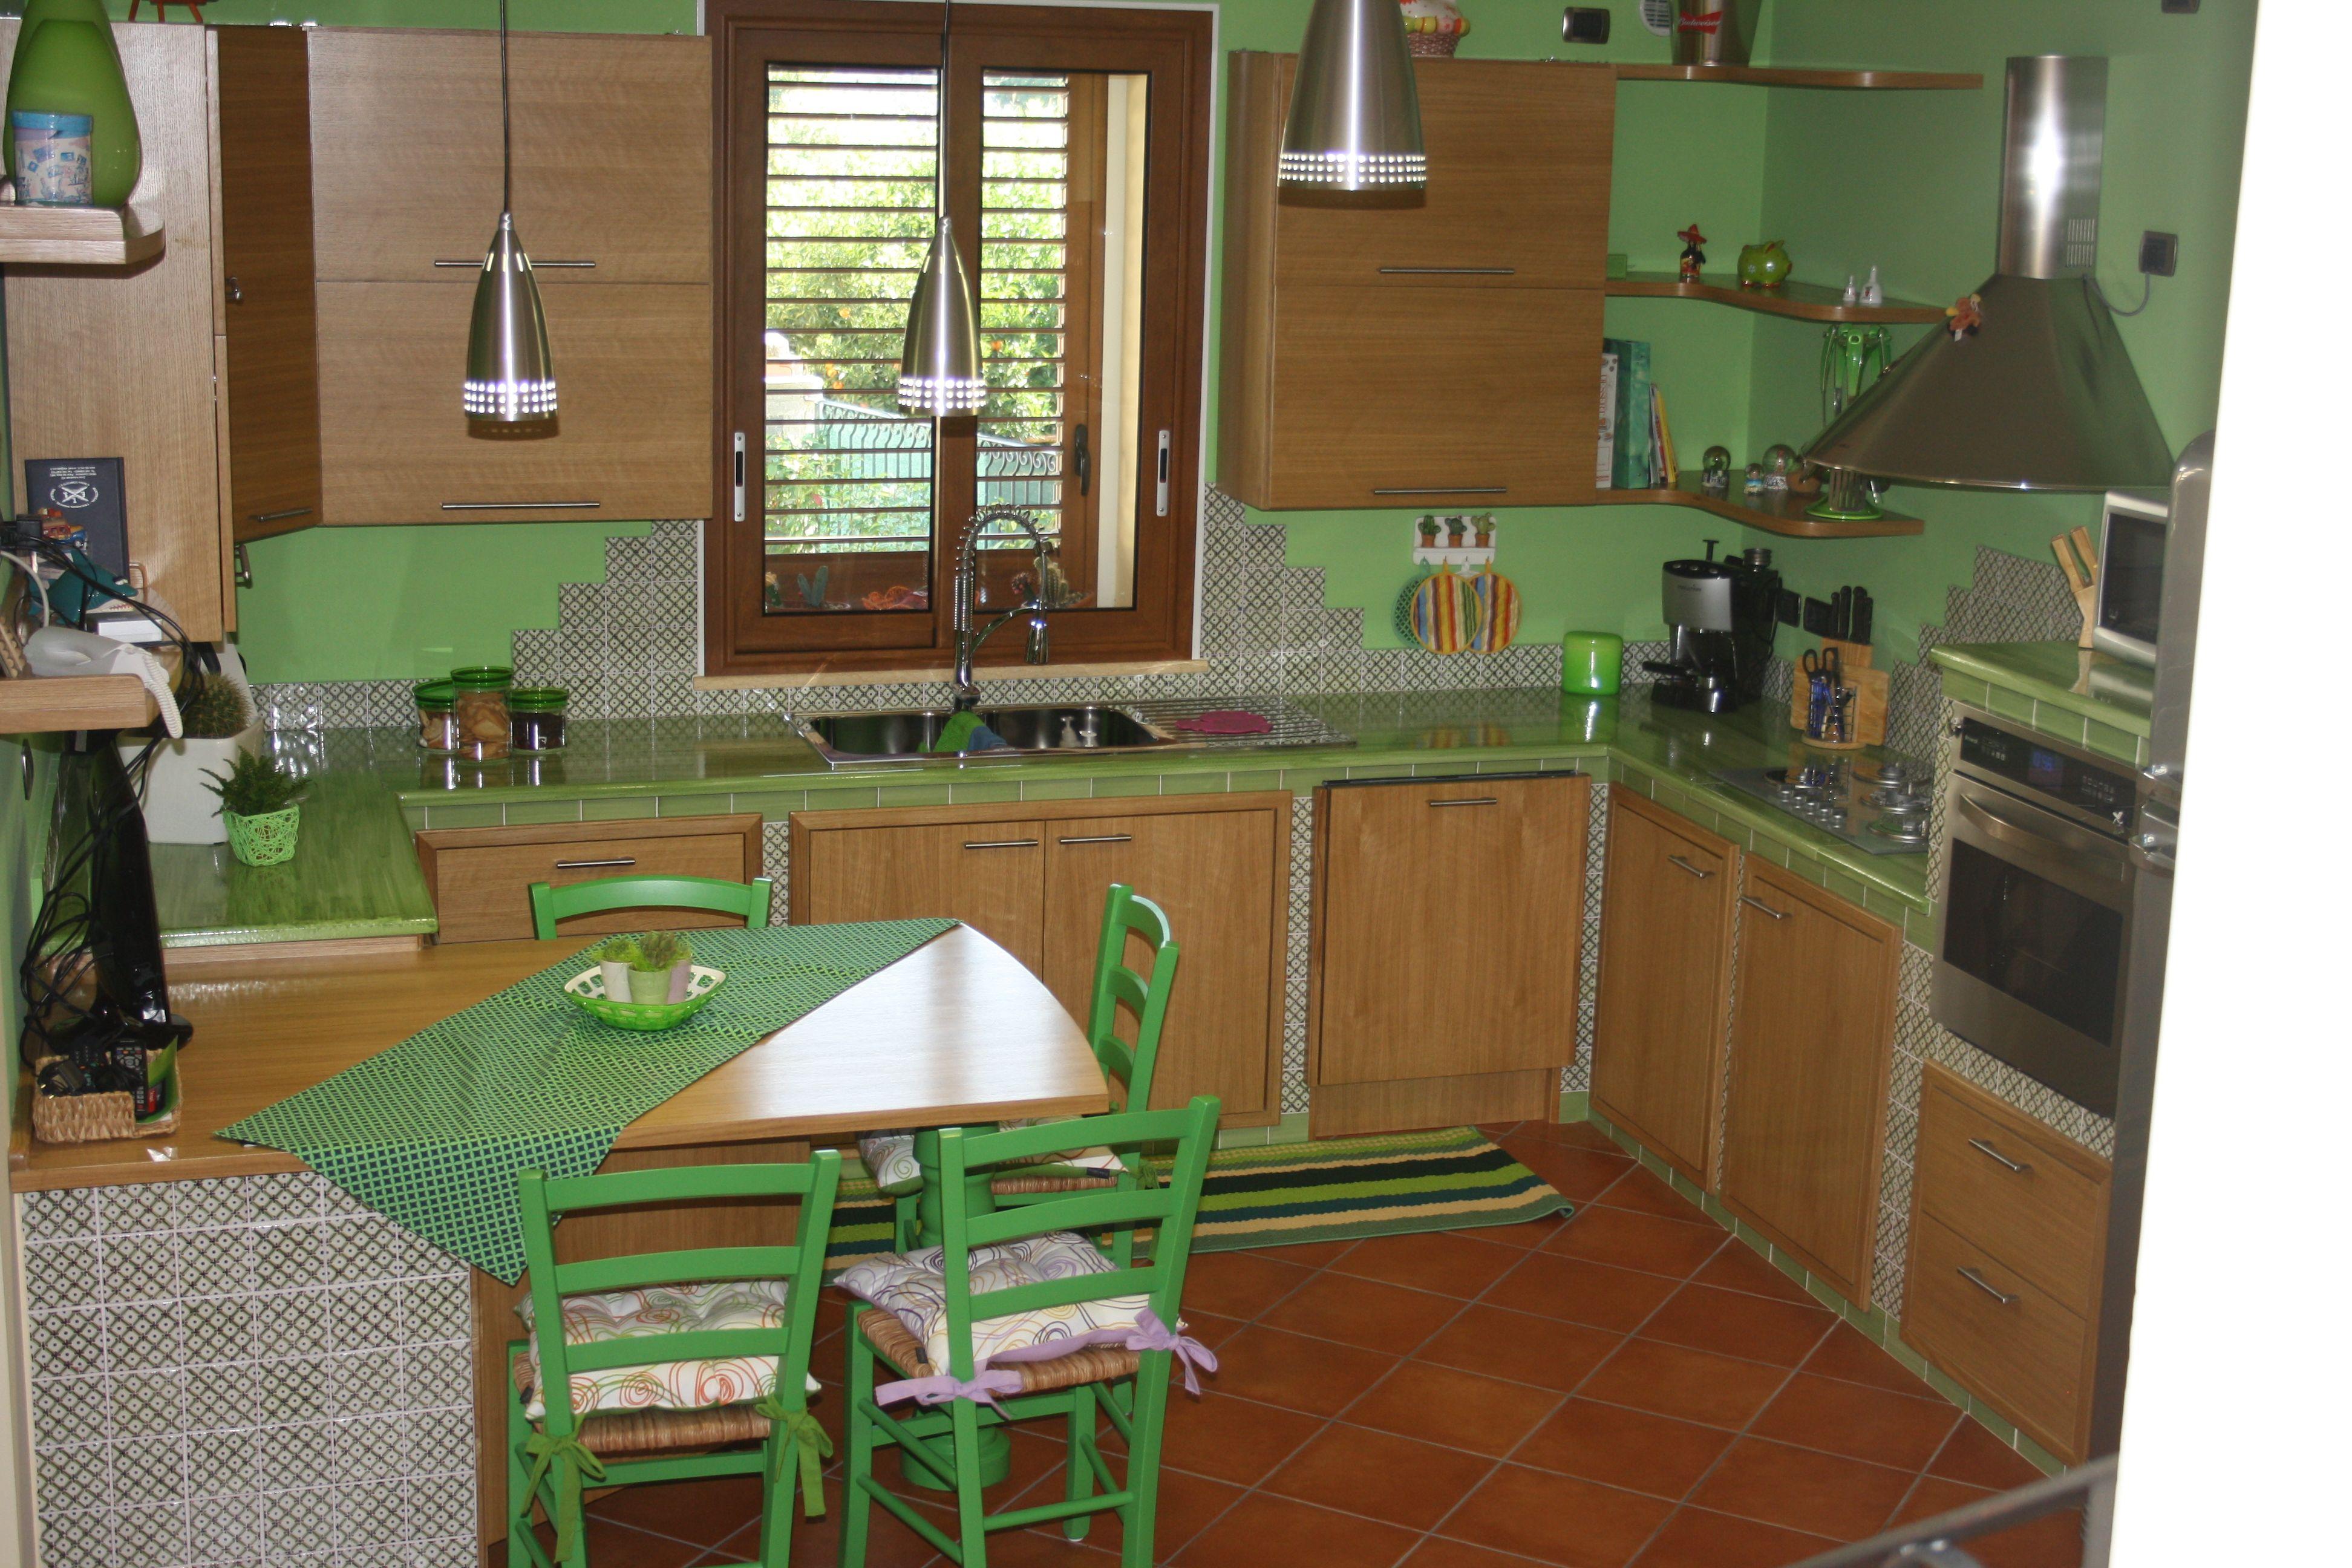 La fauci cotto siciliano; cucina in muratura con piastrelle in cotto